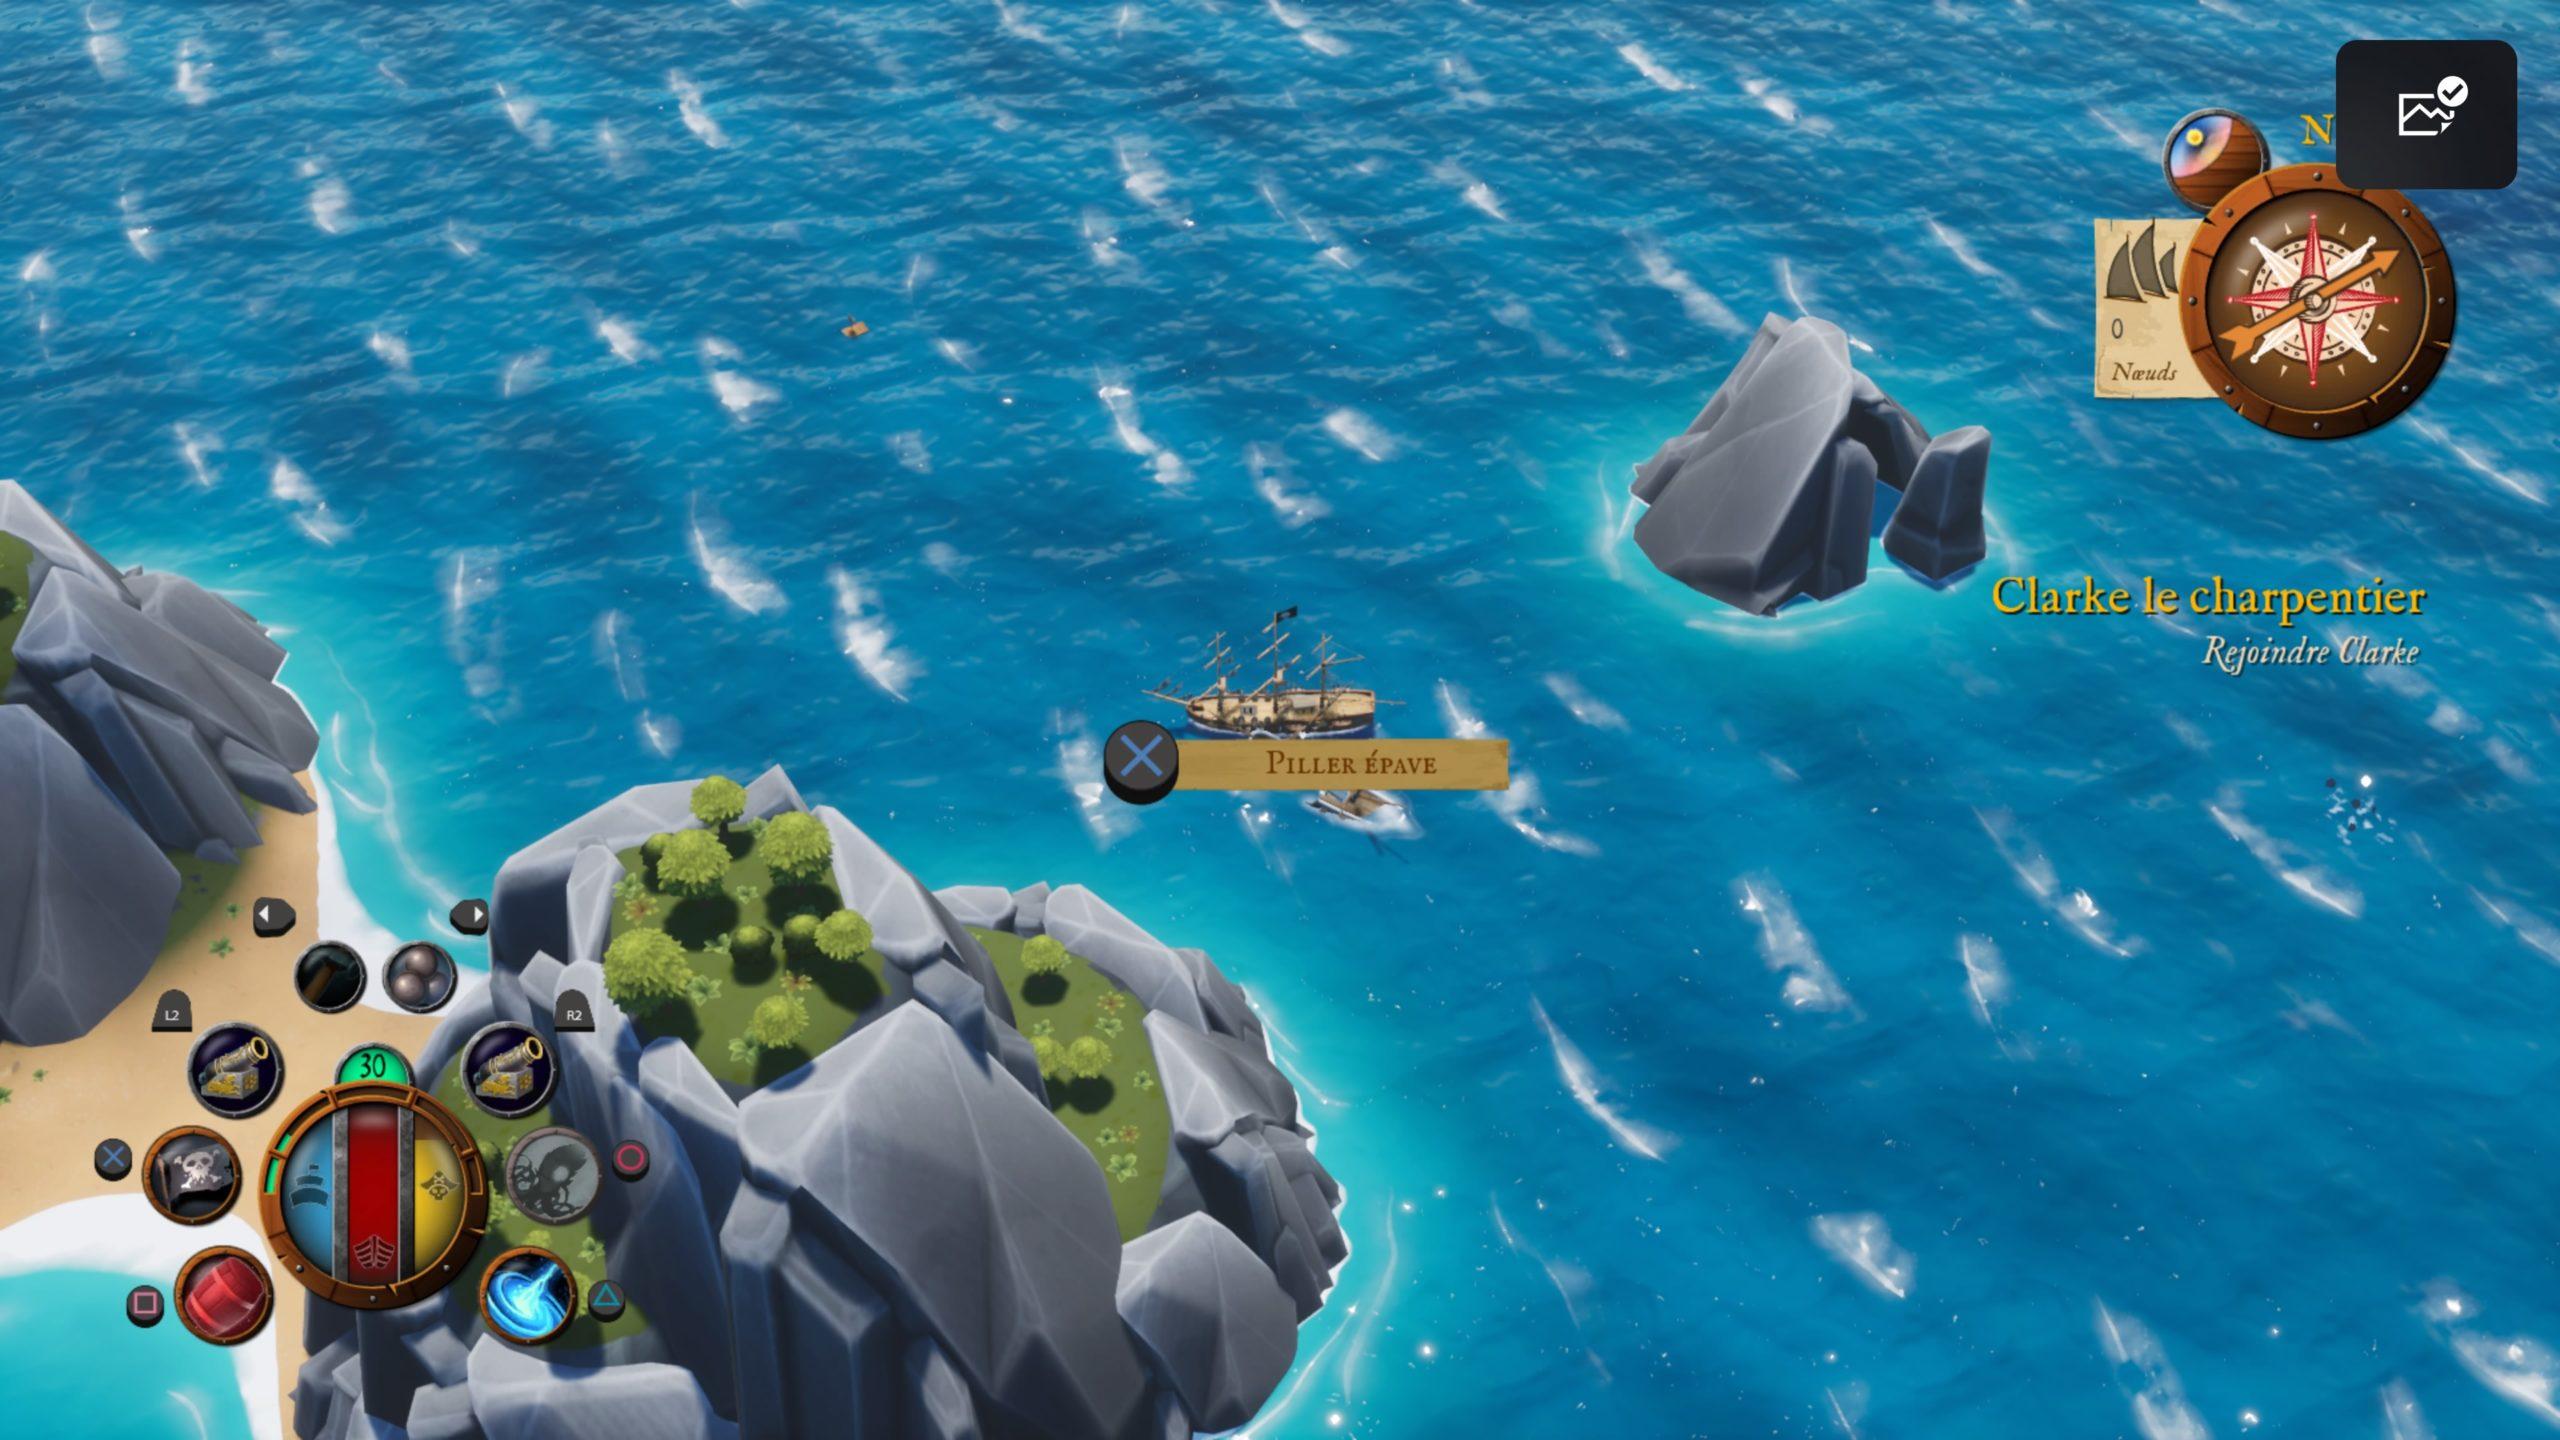 Pillage dans King of Seas